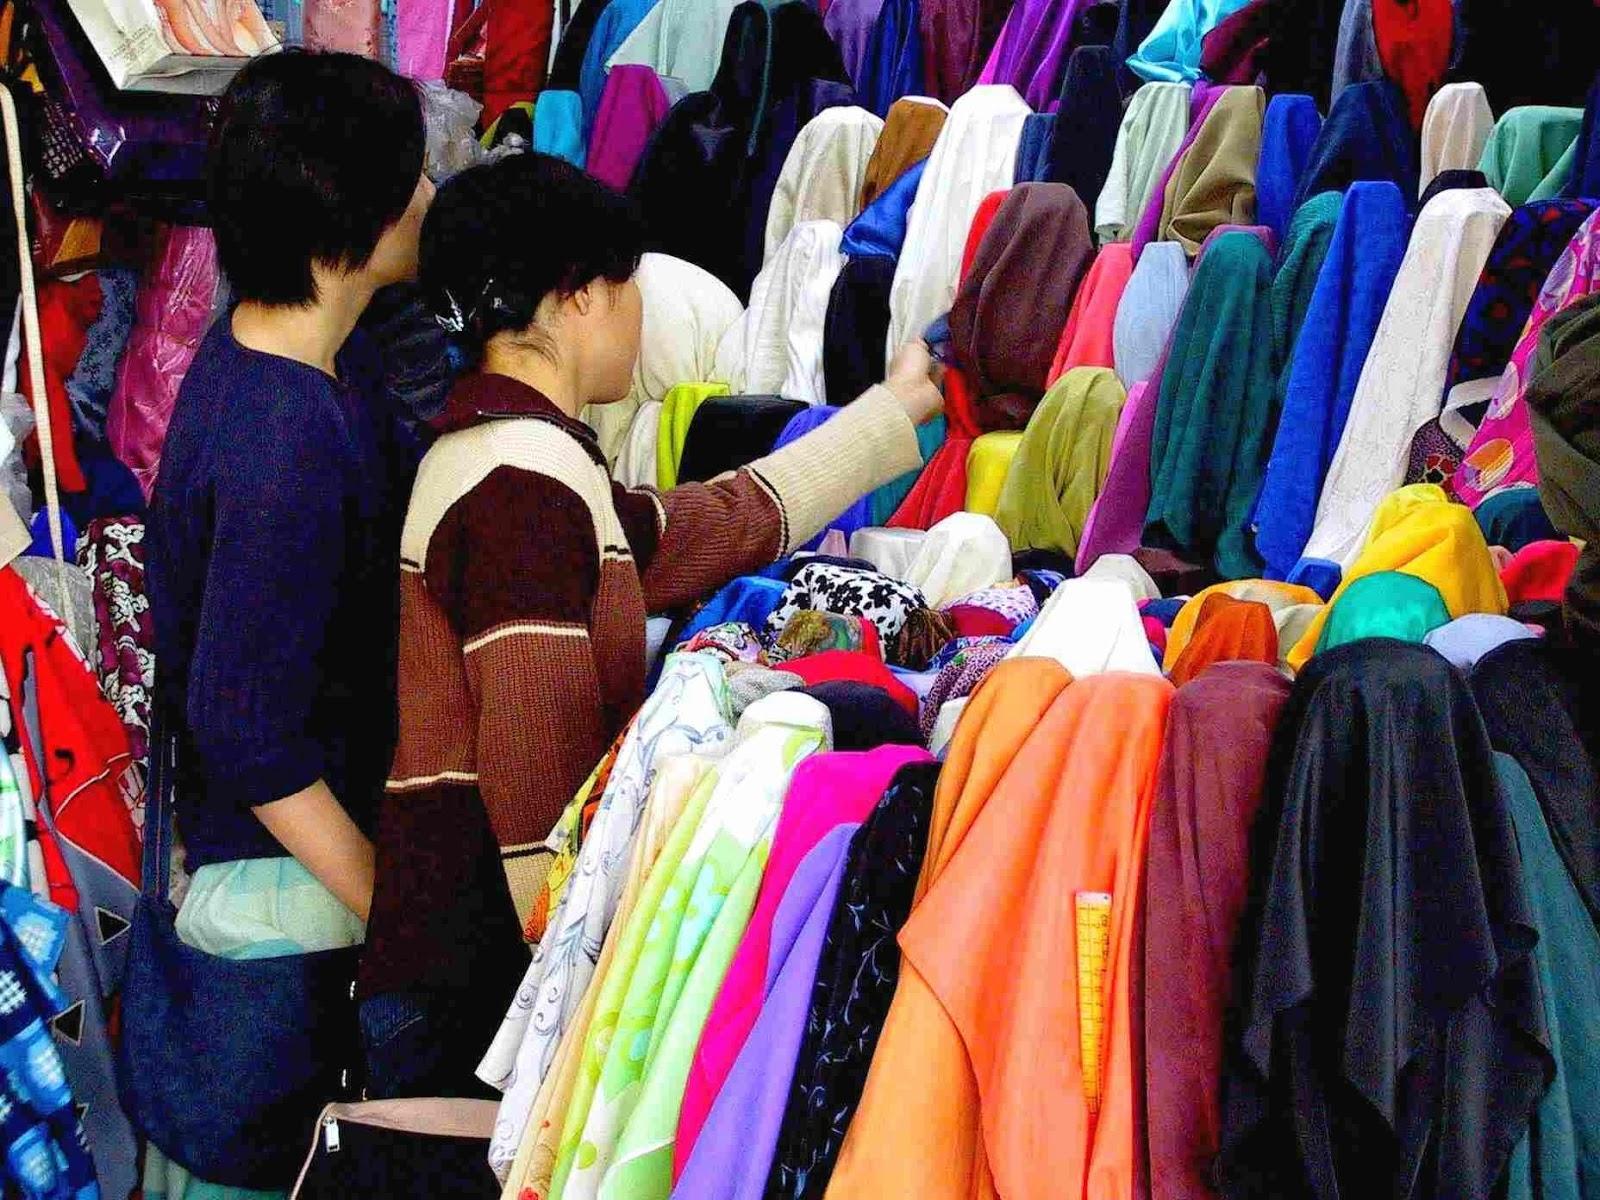 Grosir baju import tanah abang | PUSAT GROSIR BAJU MURAH ...